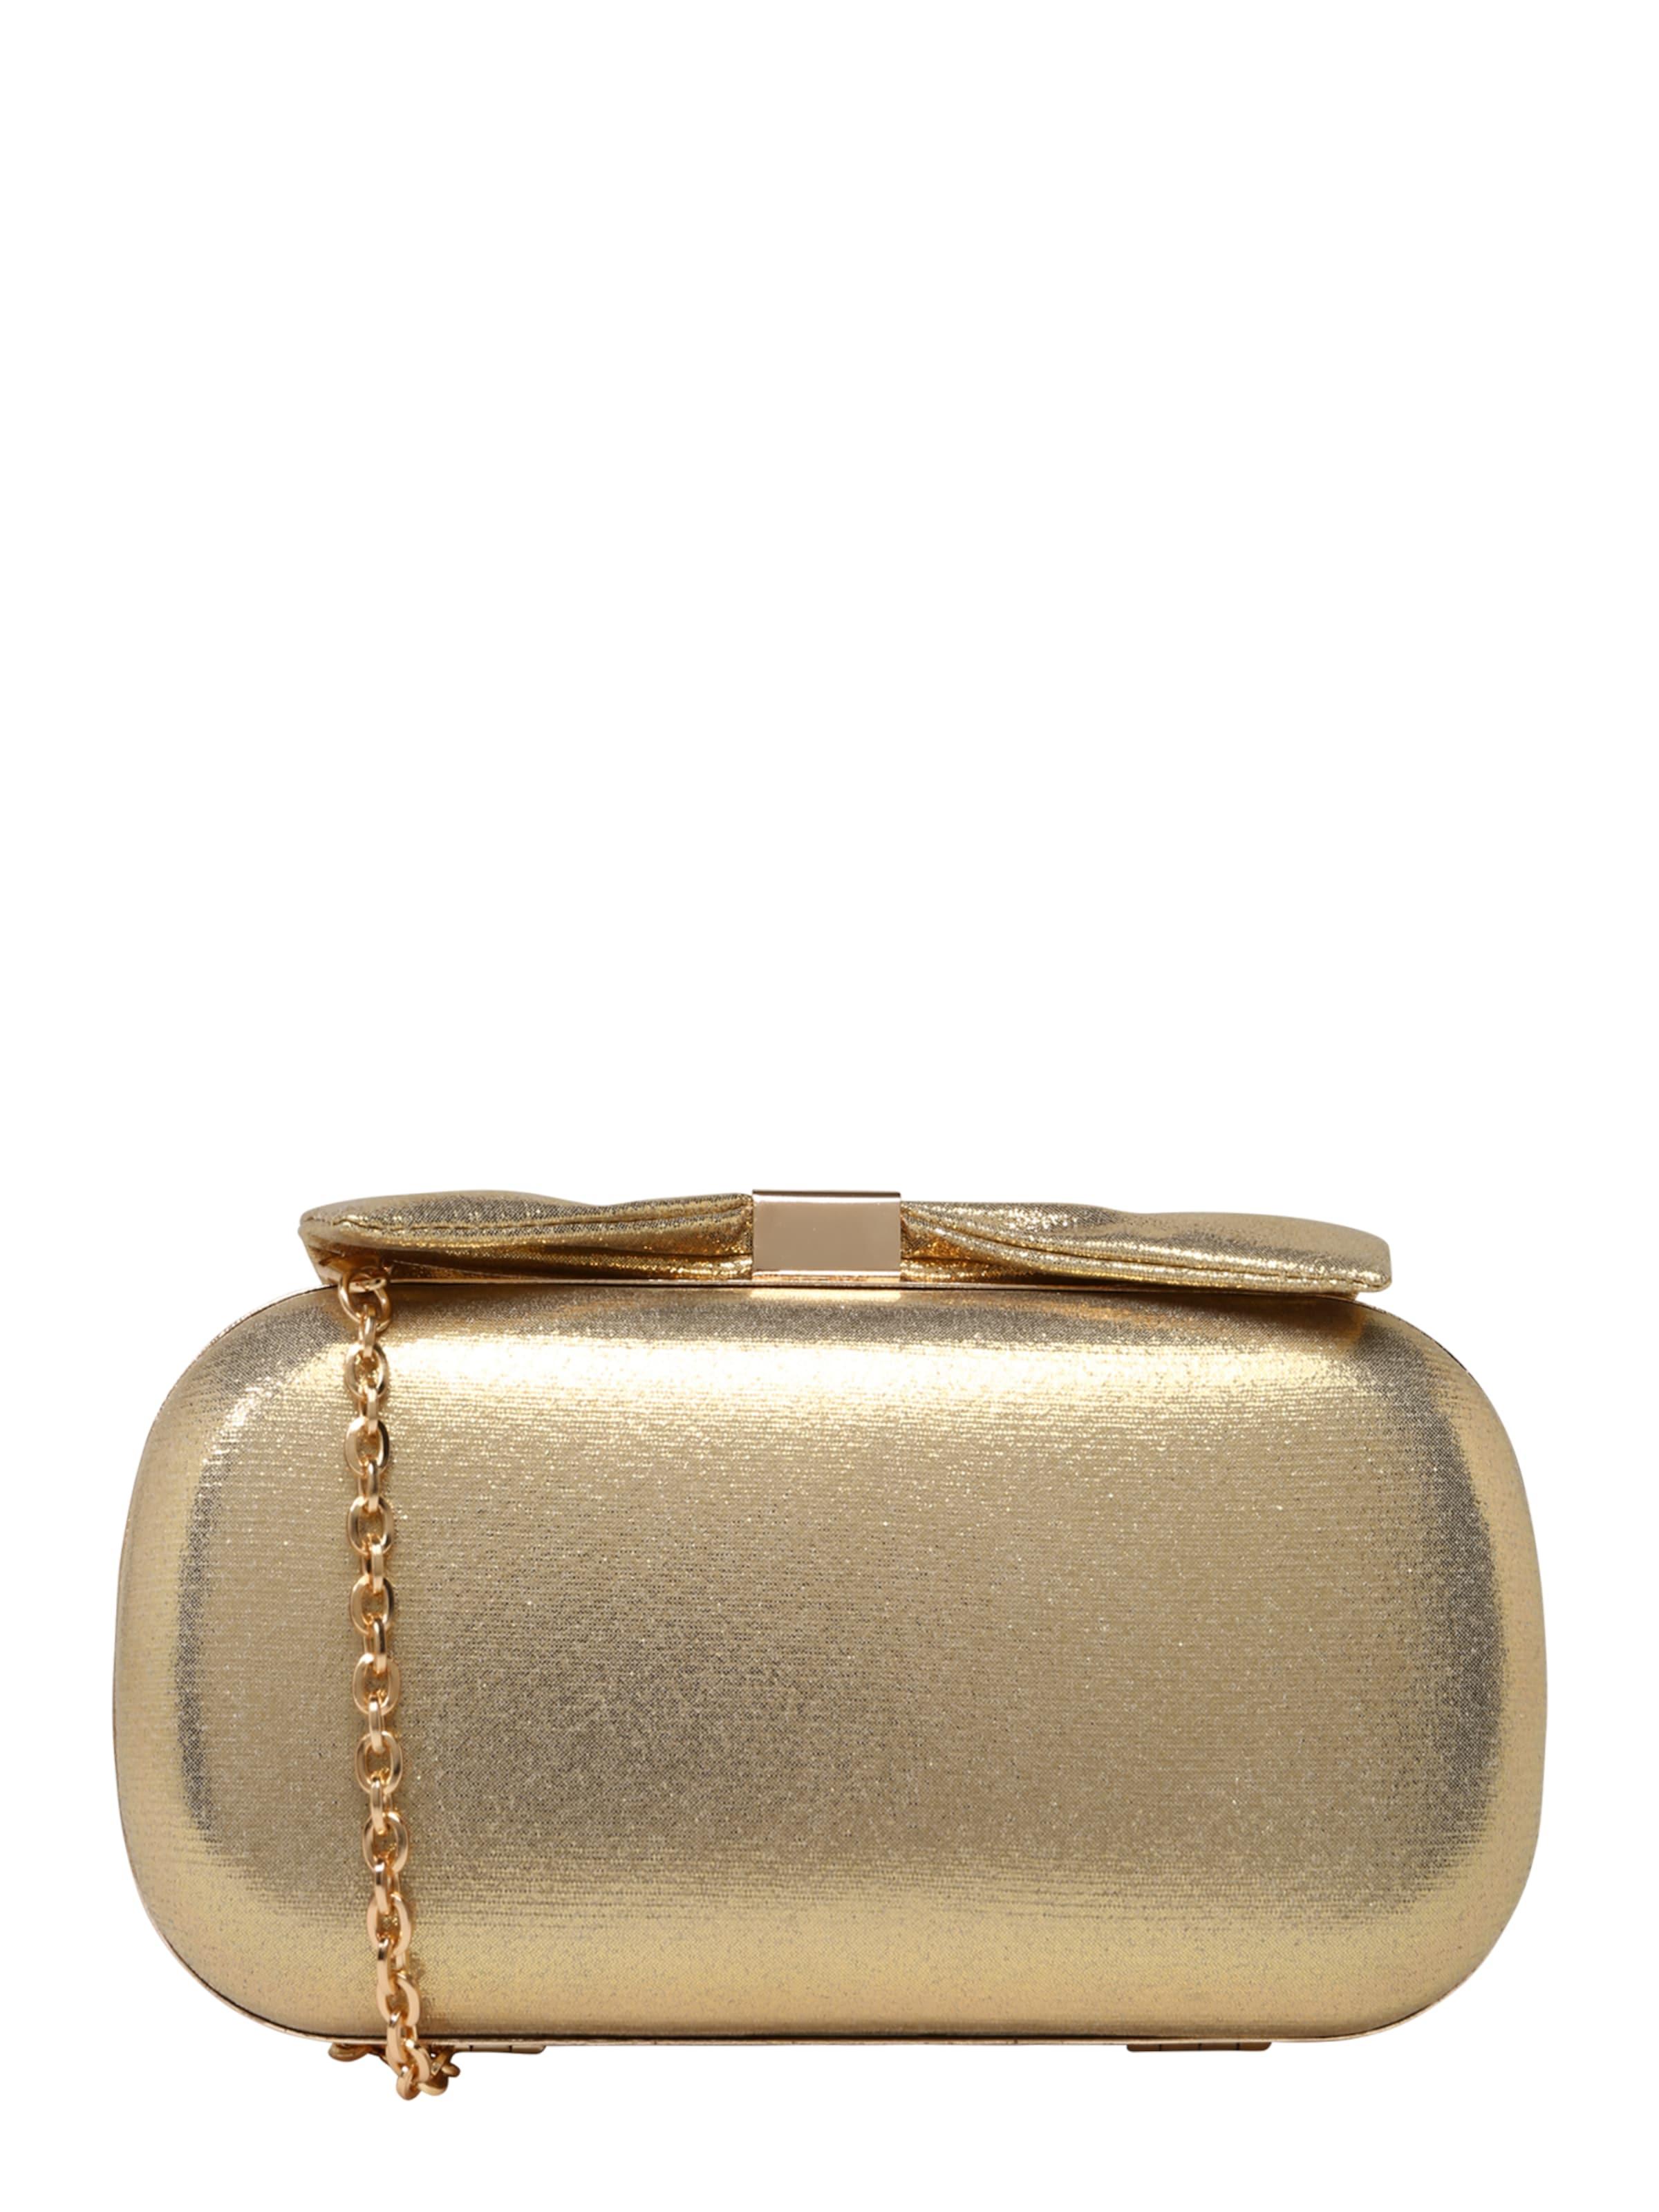 Clutch Mascara In Clutch Clutch In Gold Gold Mascara In Mascara 0wONymnv8